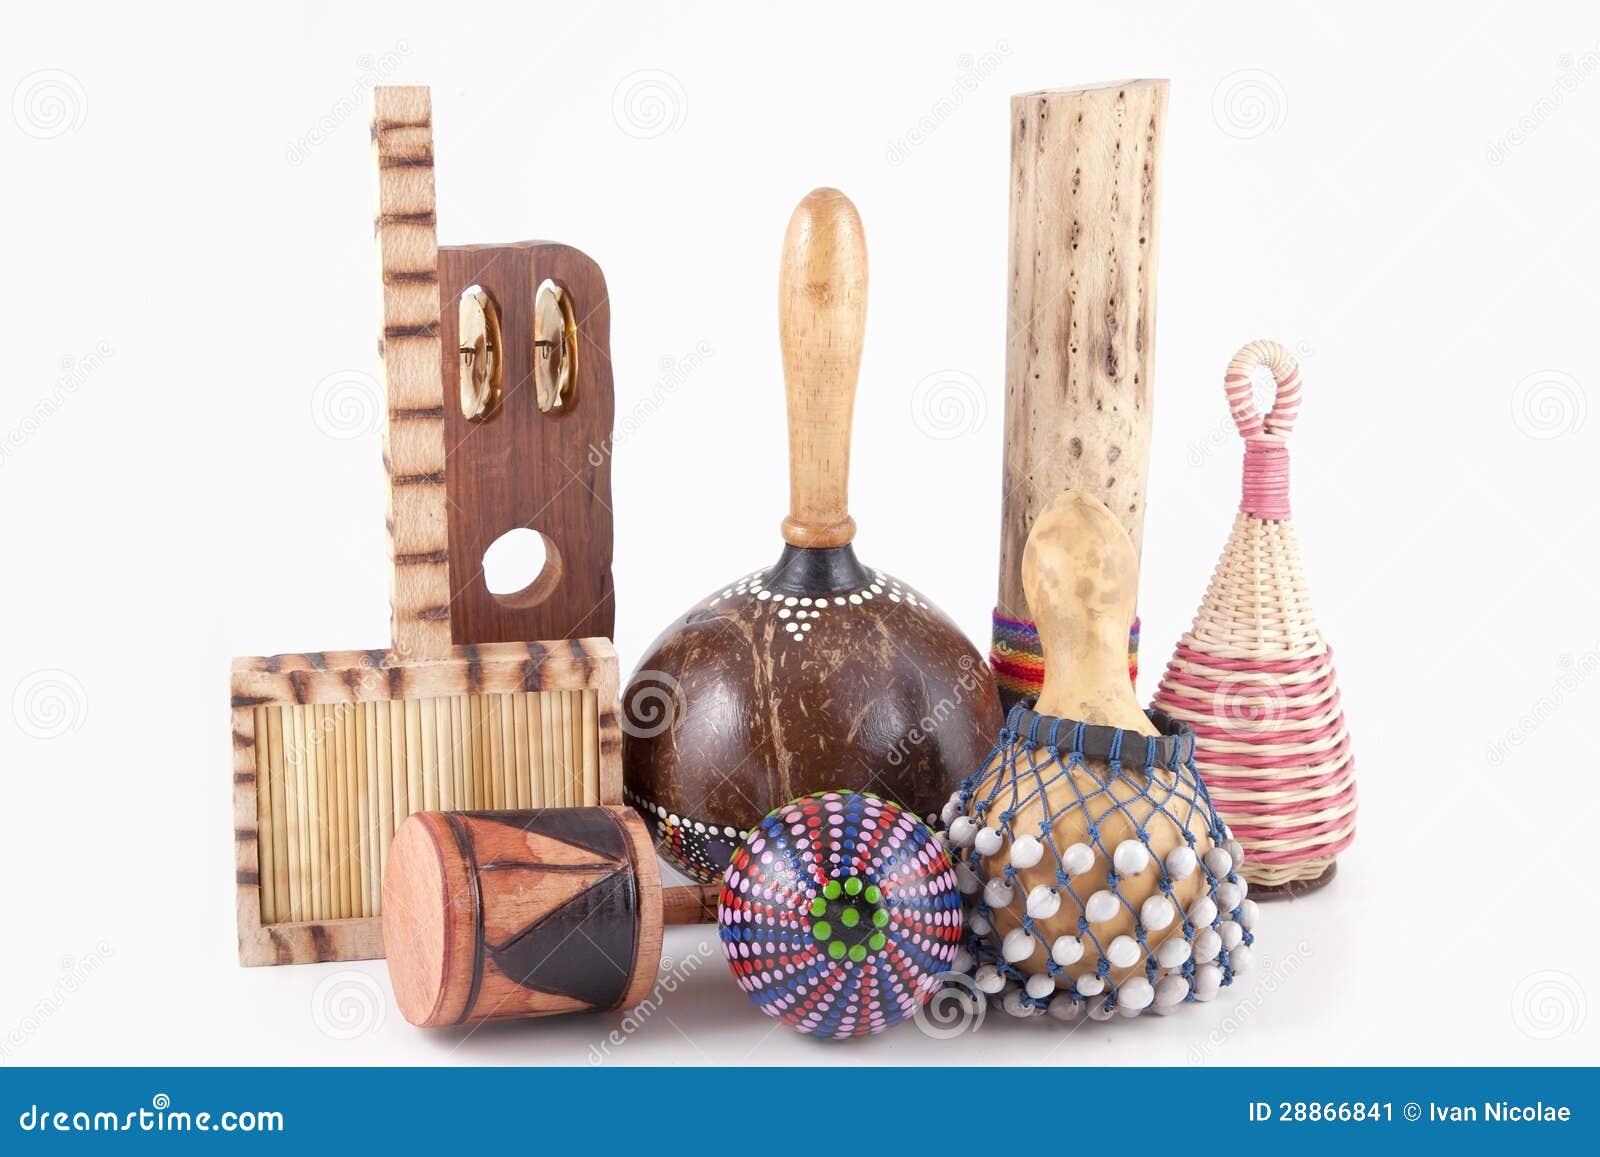 Afrikanische Musikinstrumente Stockbild Bild Von